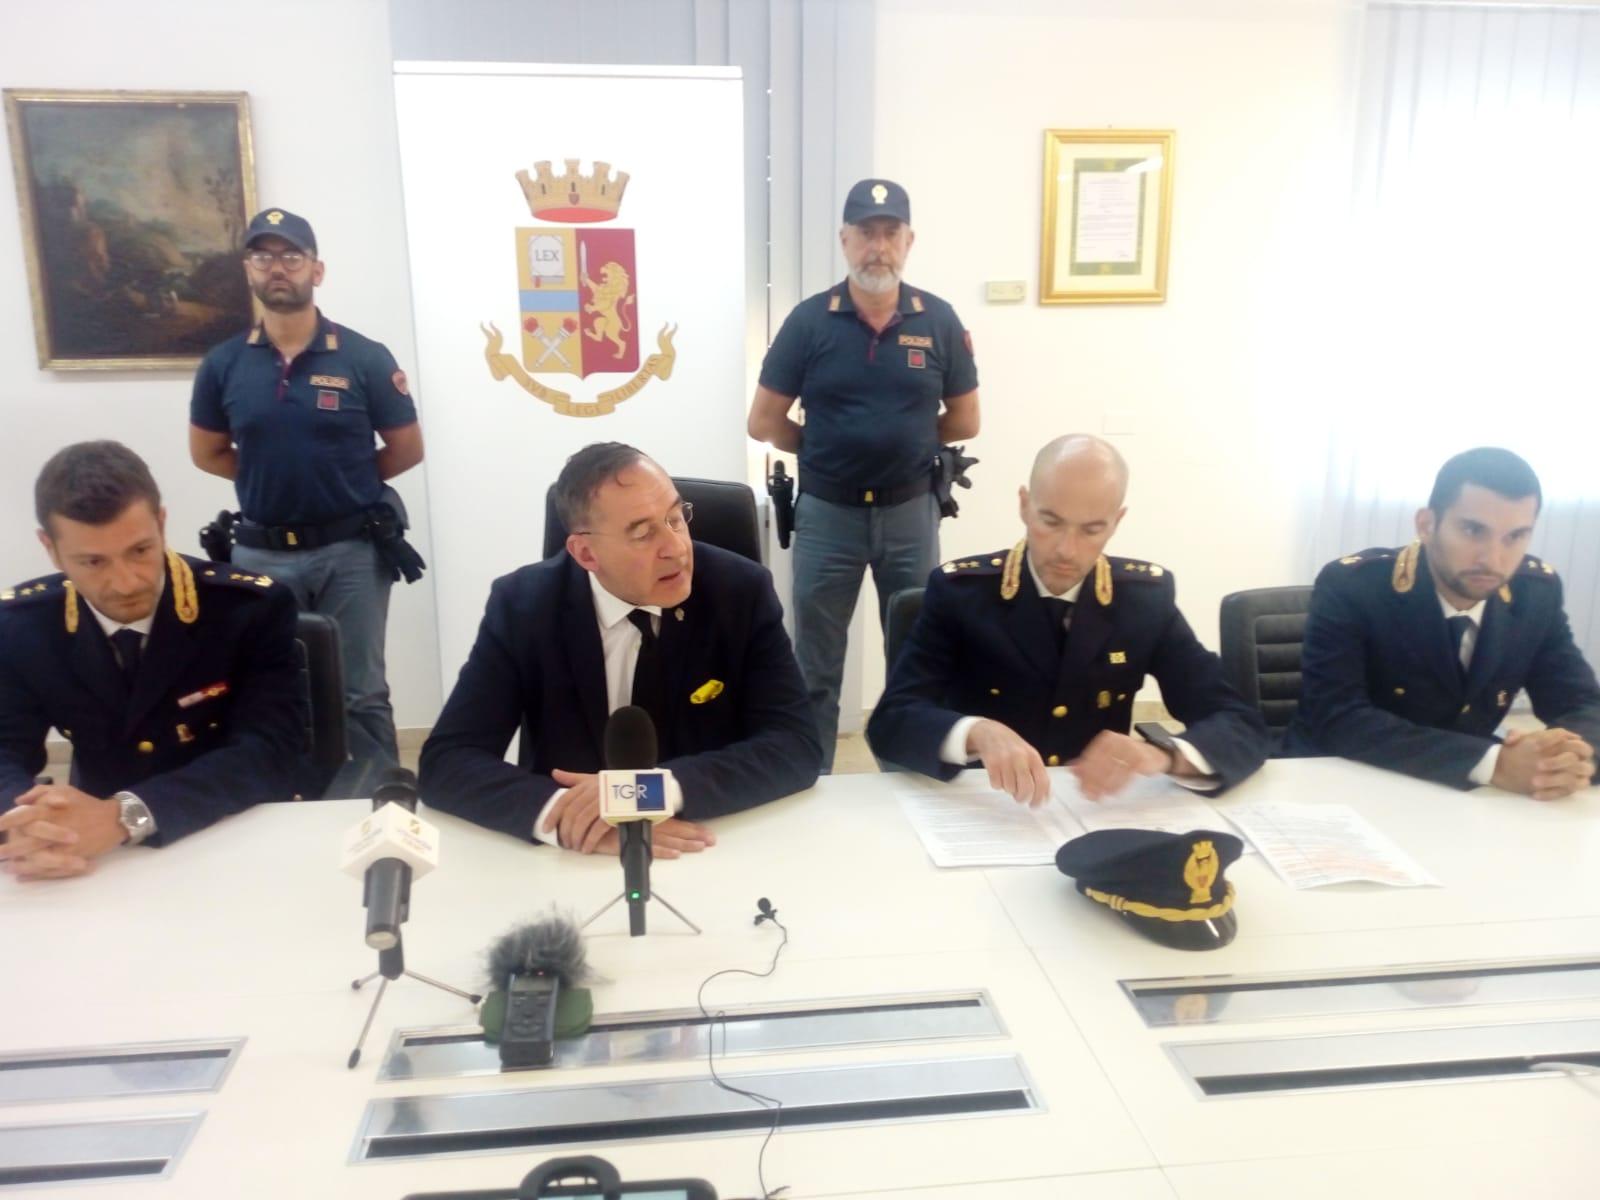 Arresto in Bolivia del narcotrafficante mazarese Paolo Lumia: i particolari nella conferenza stampa della Polizia